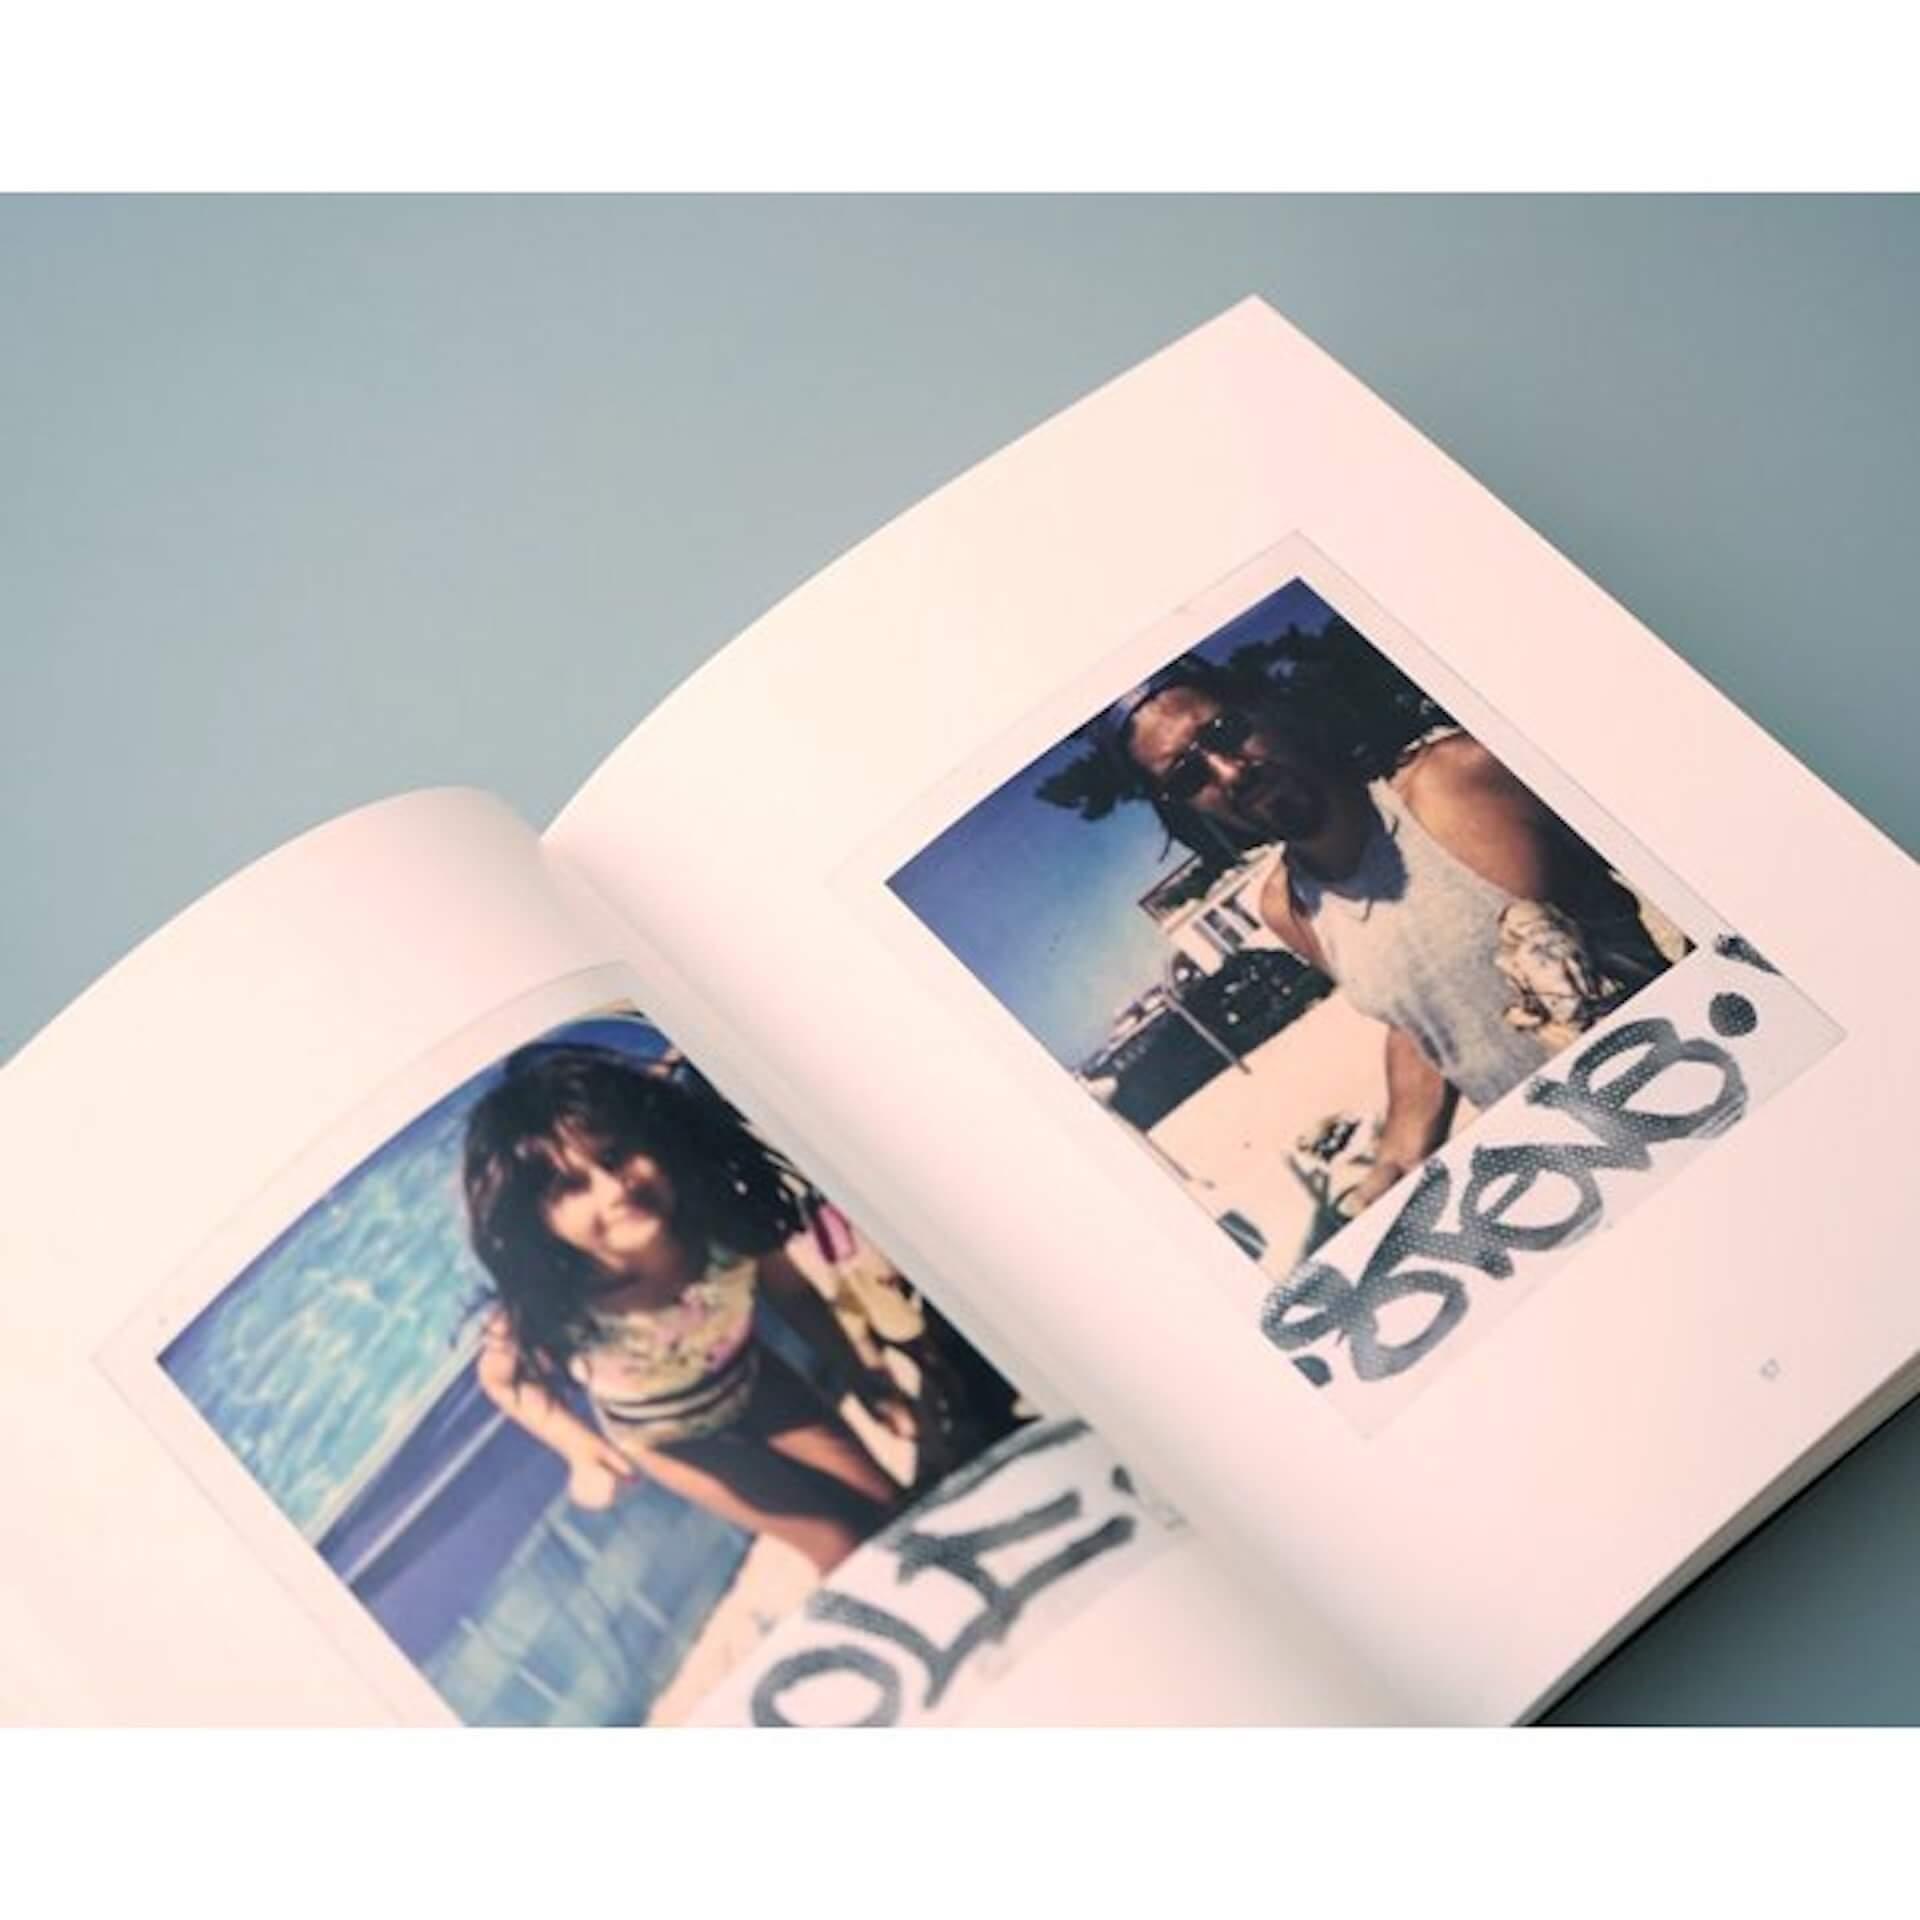 アートブックノススメ Qetic編集部が選ぶ5冊/Davide Sorrenti 他 art210322_artbook-016